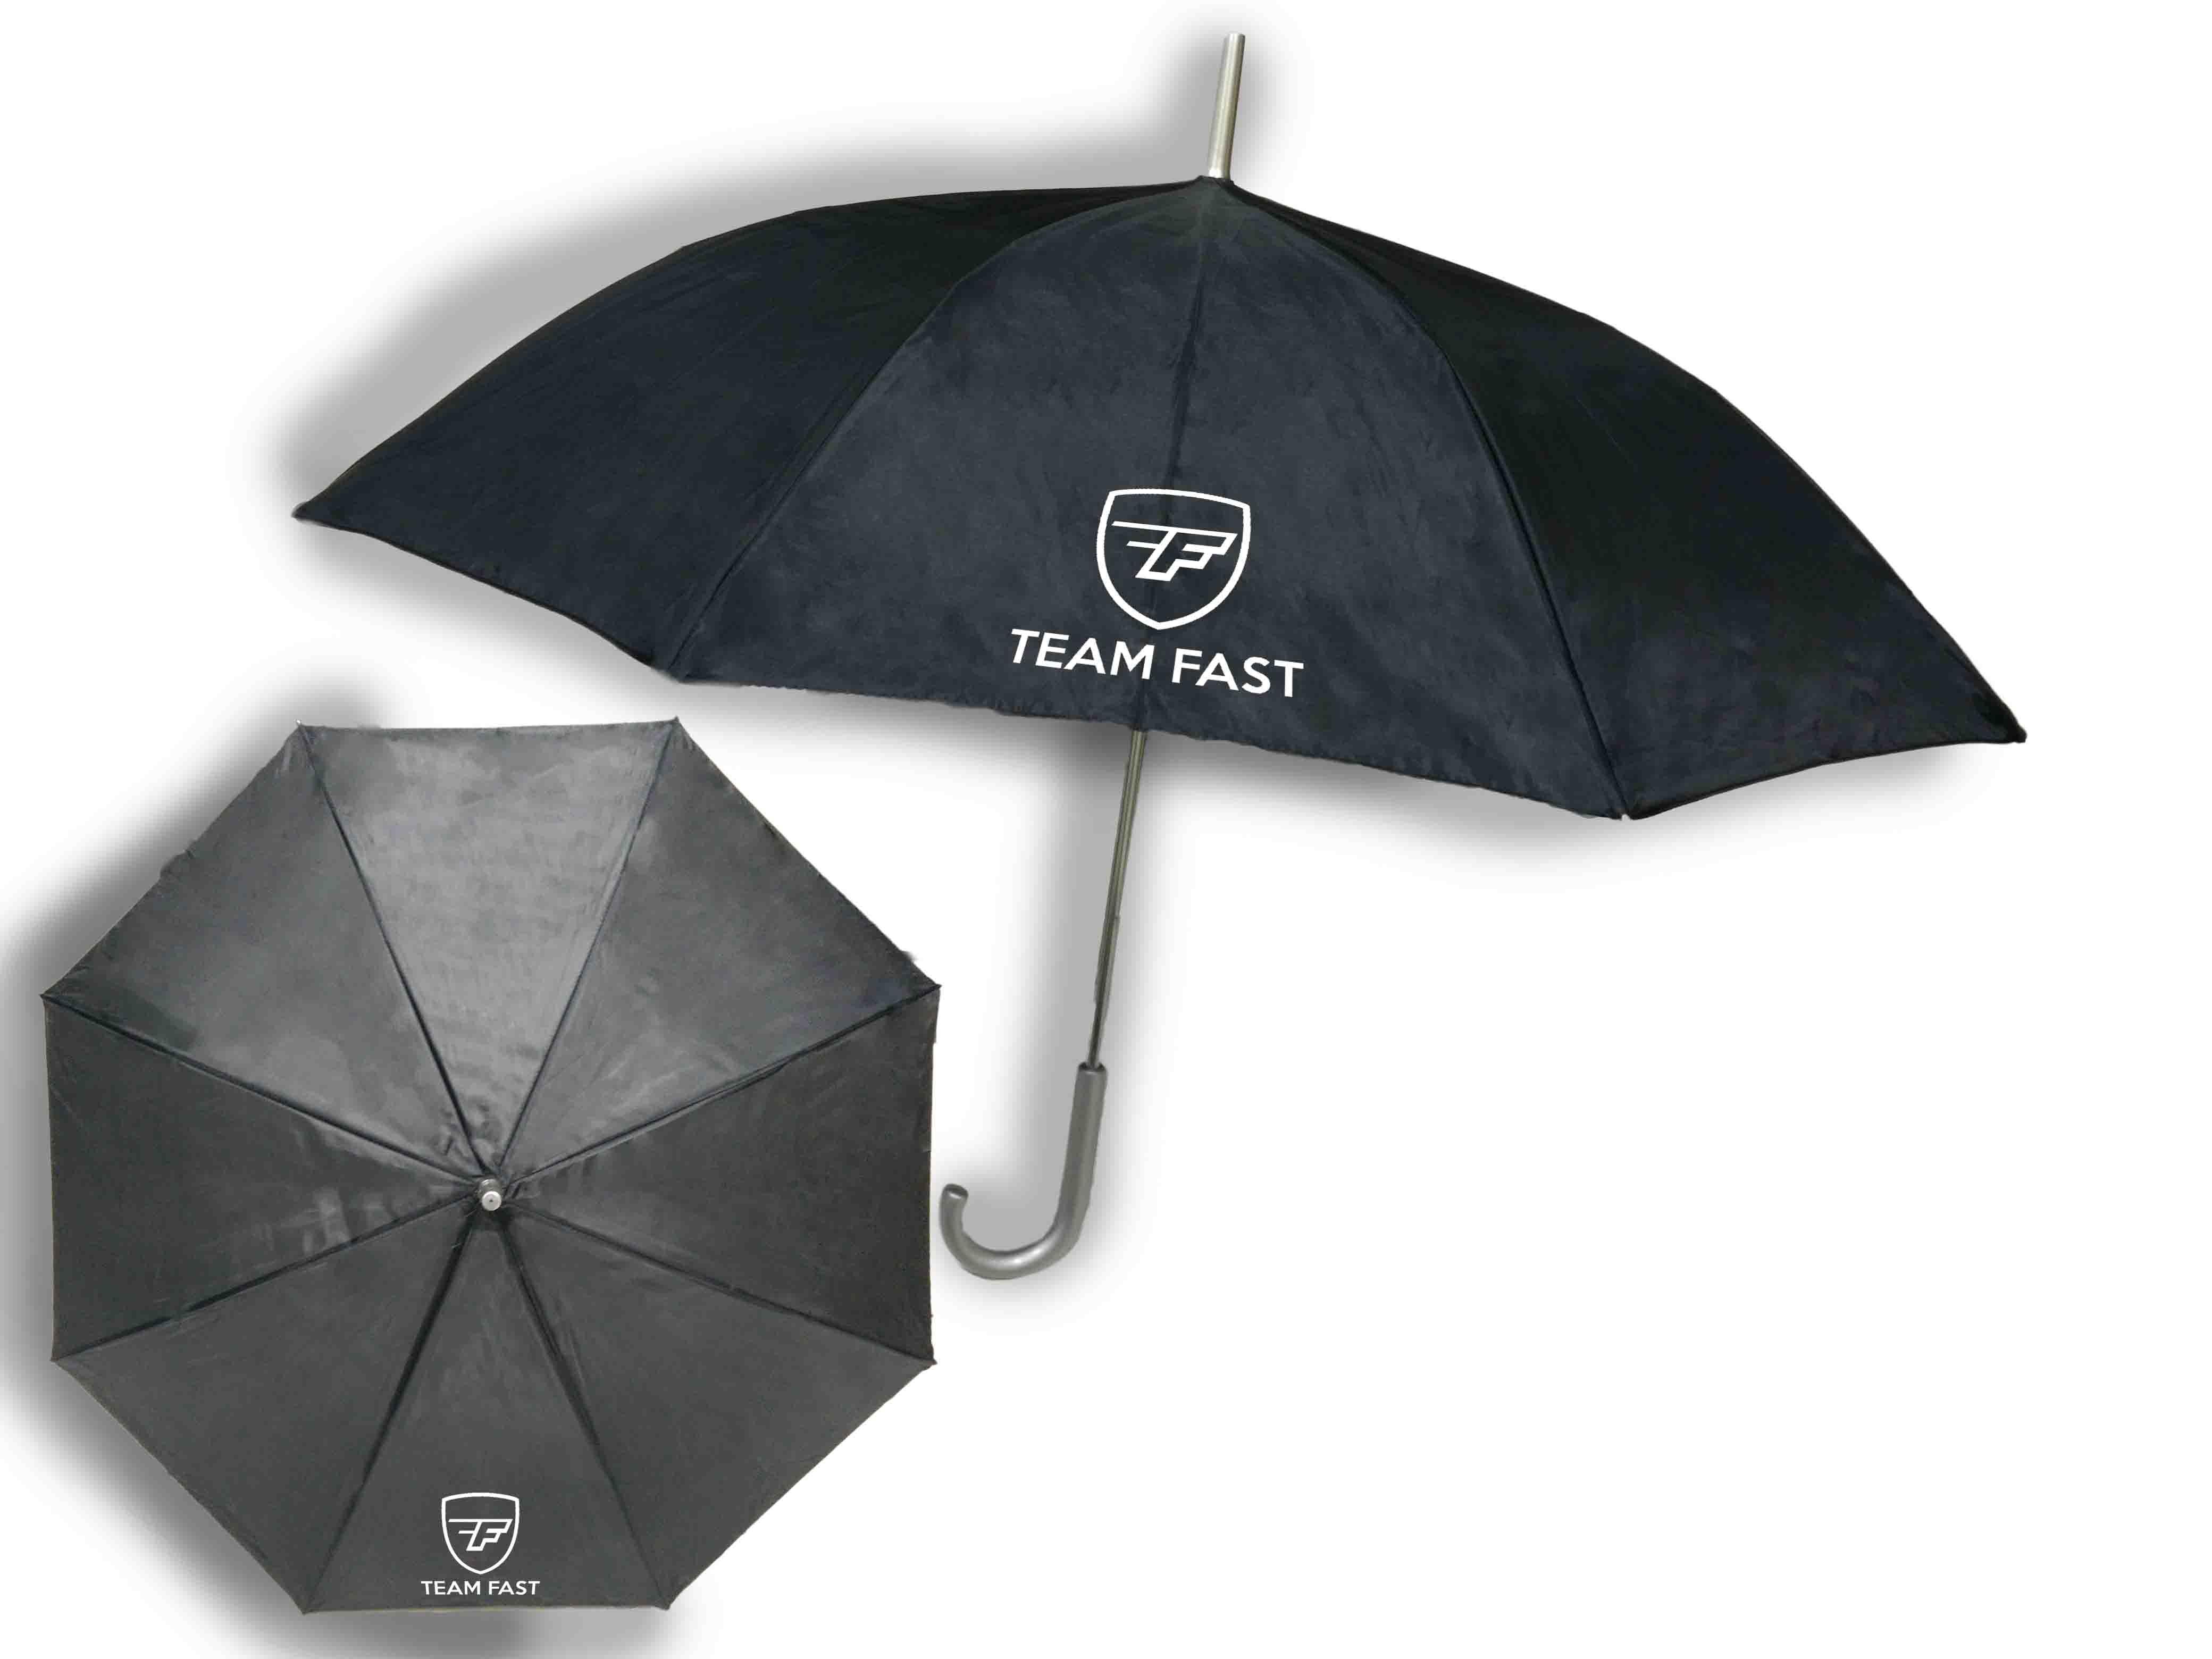 מטריות להדפסה | מטריות למכירה